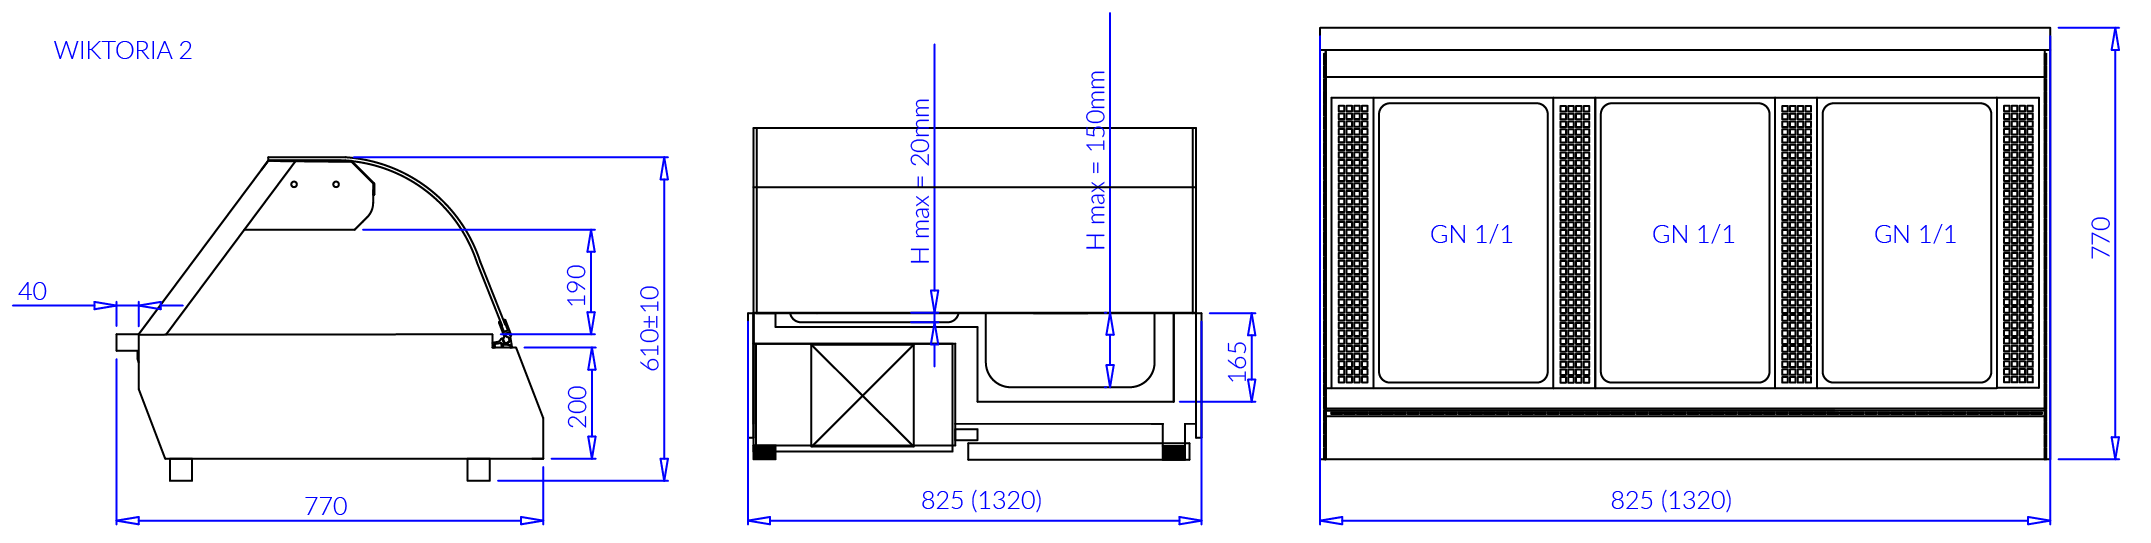 Technische Bezeichnung WIKTORIA 2